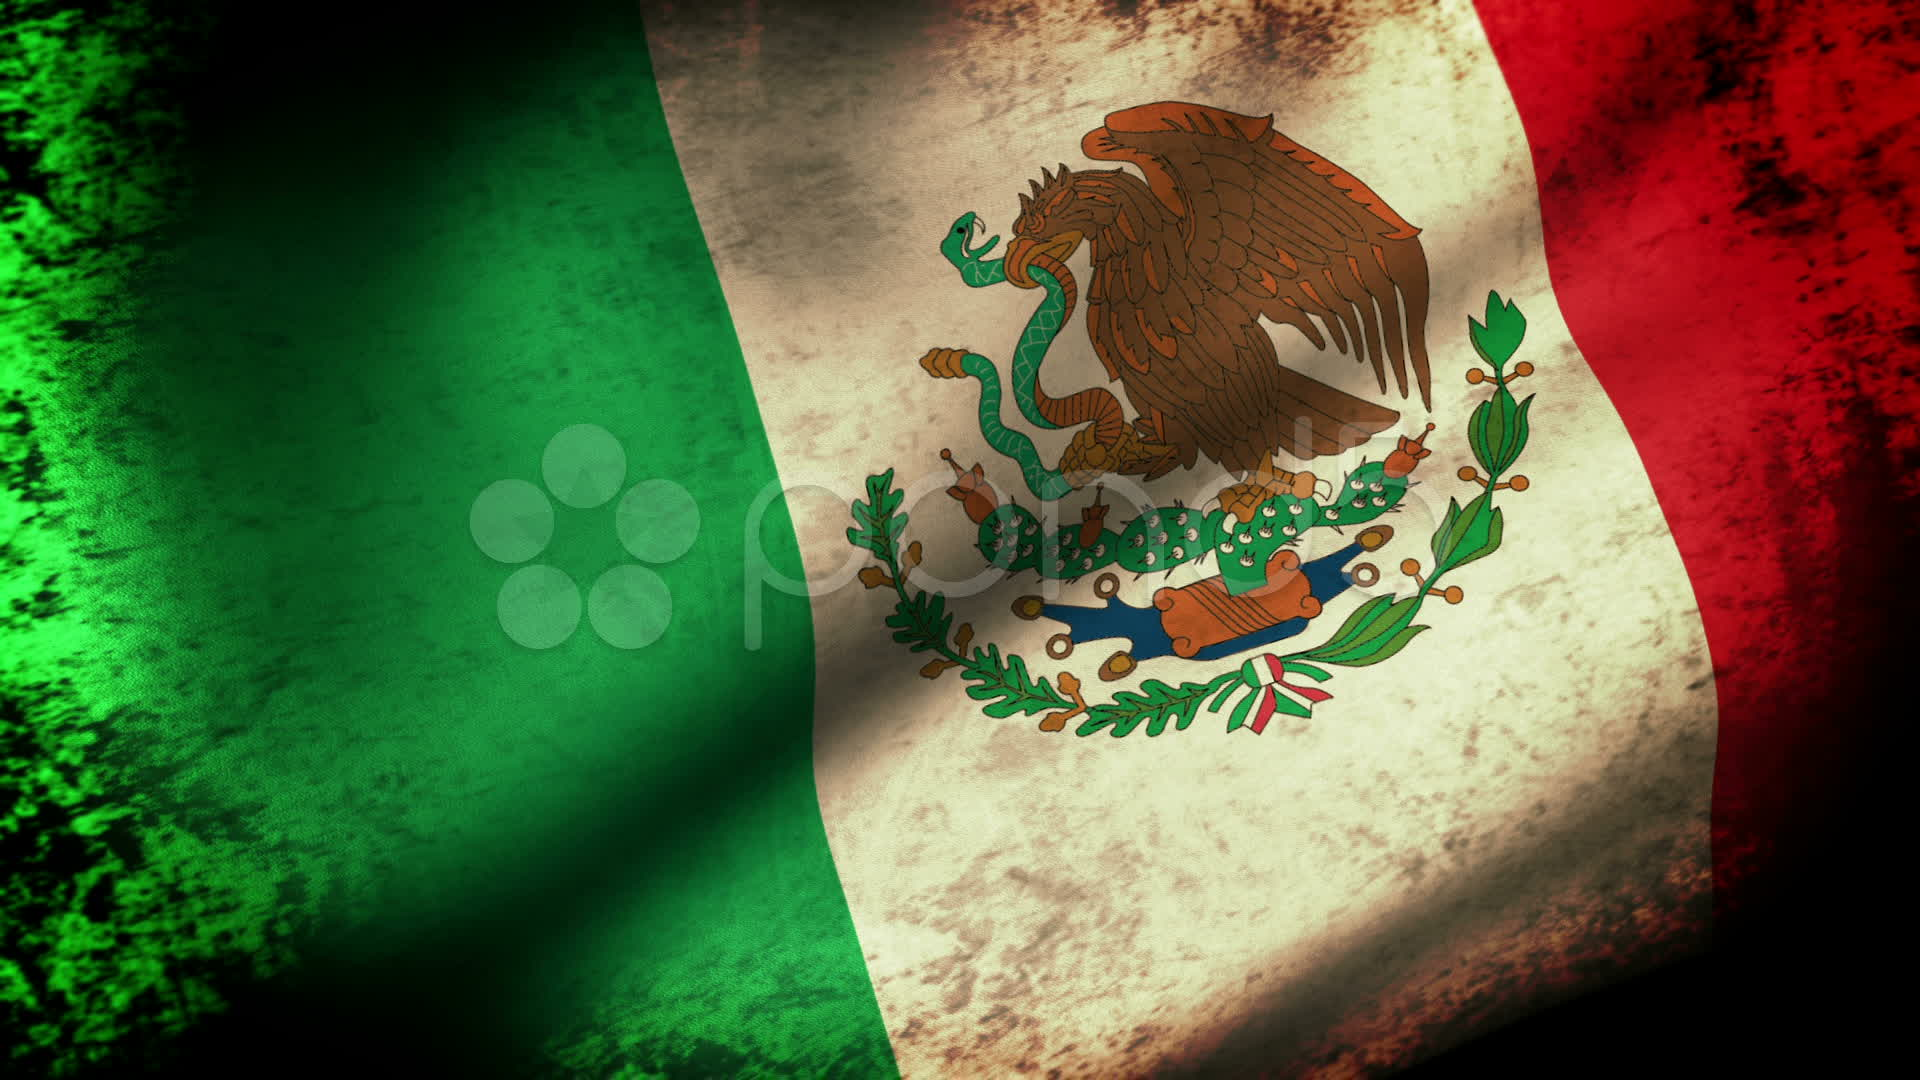 Mexican Flag Wallpaper HD Download 1920x1080